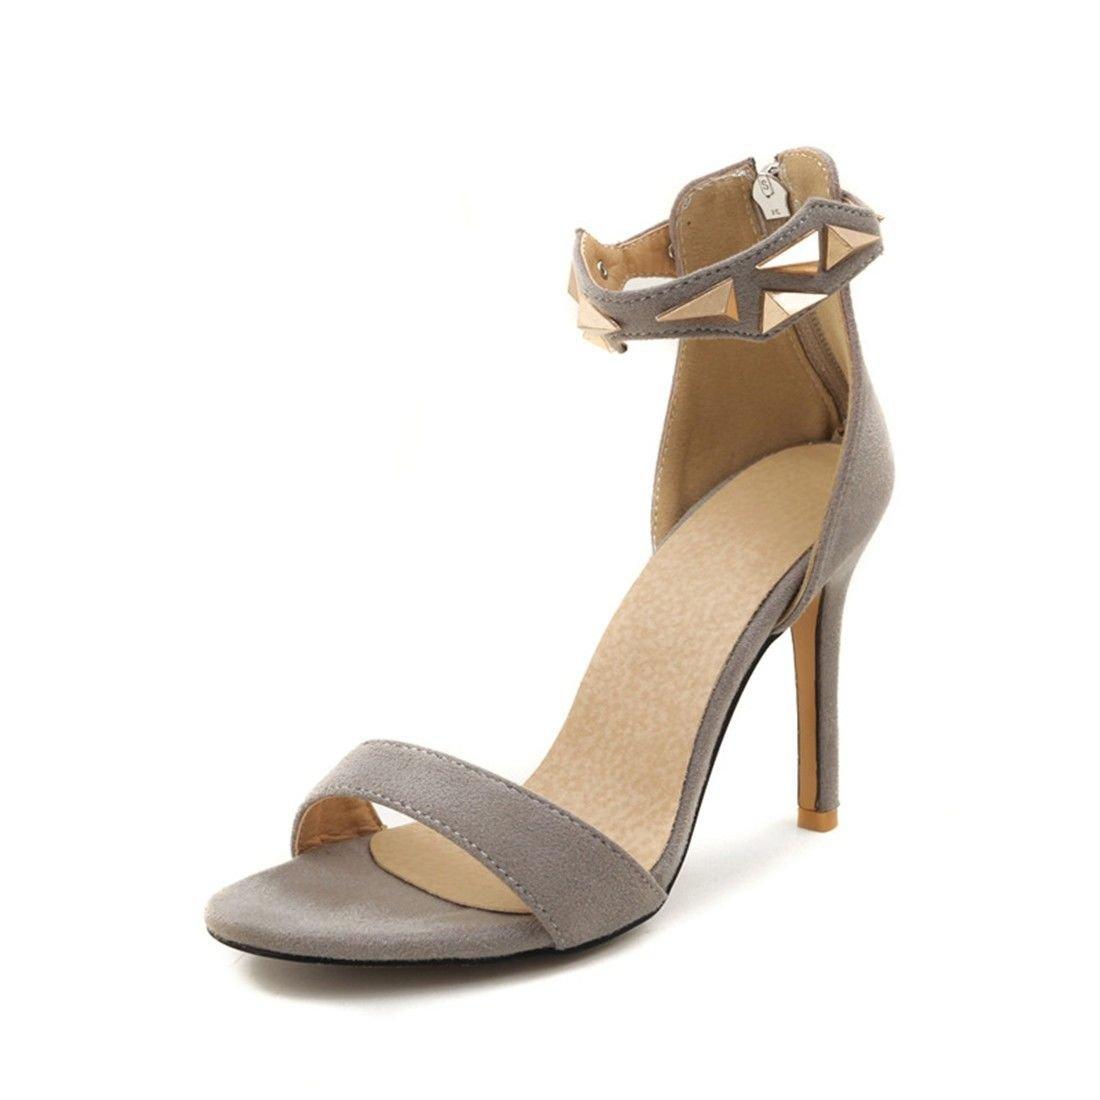 AIKAKA Chaussures pour Femmes Printemps Glissière Été Haut pour Talon Talon à Glissière Sandales Gray 97547b6 - reprogrammed.space